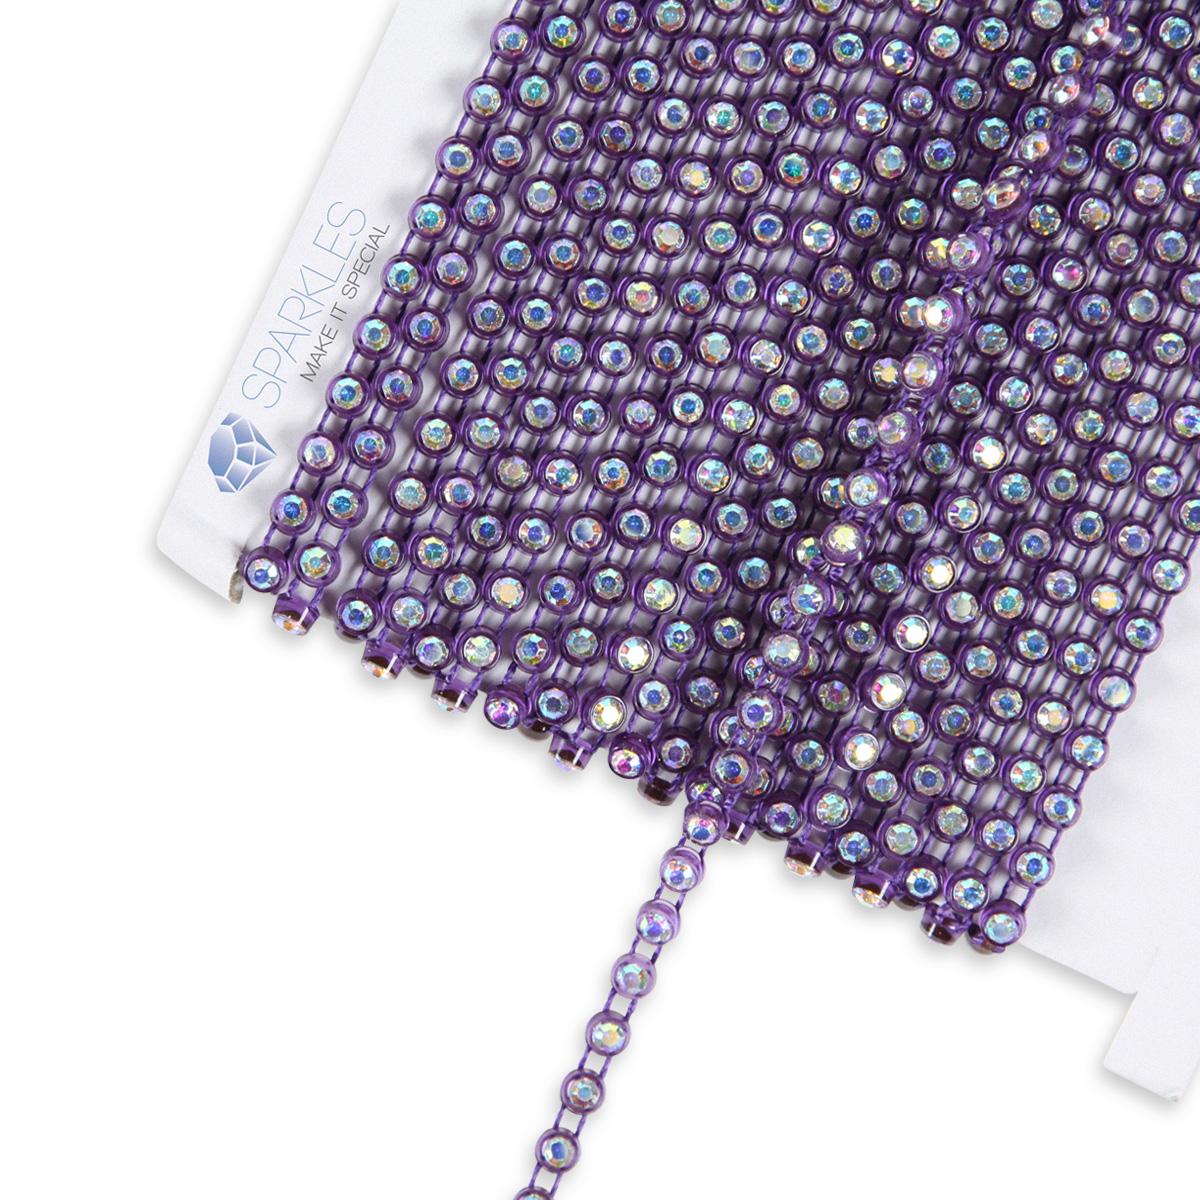 10 Yard Ss10 Ab Crystal Rhinestone Banding Purple Trim Chain Roll Decor Ni Ebay